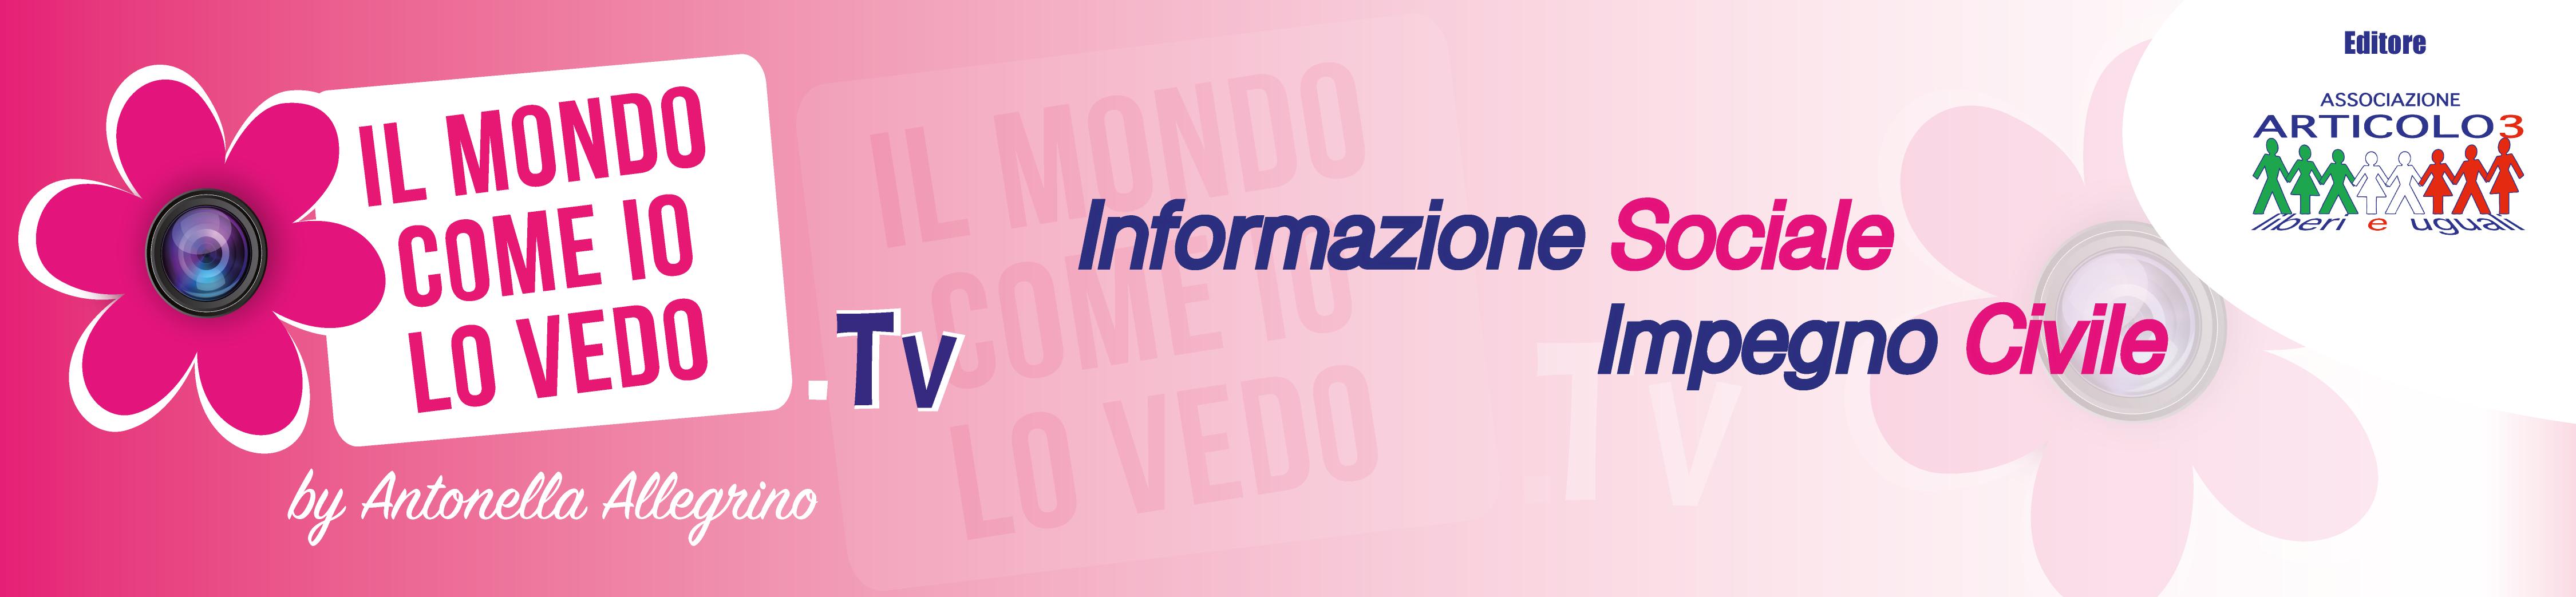 IlMondo.tv